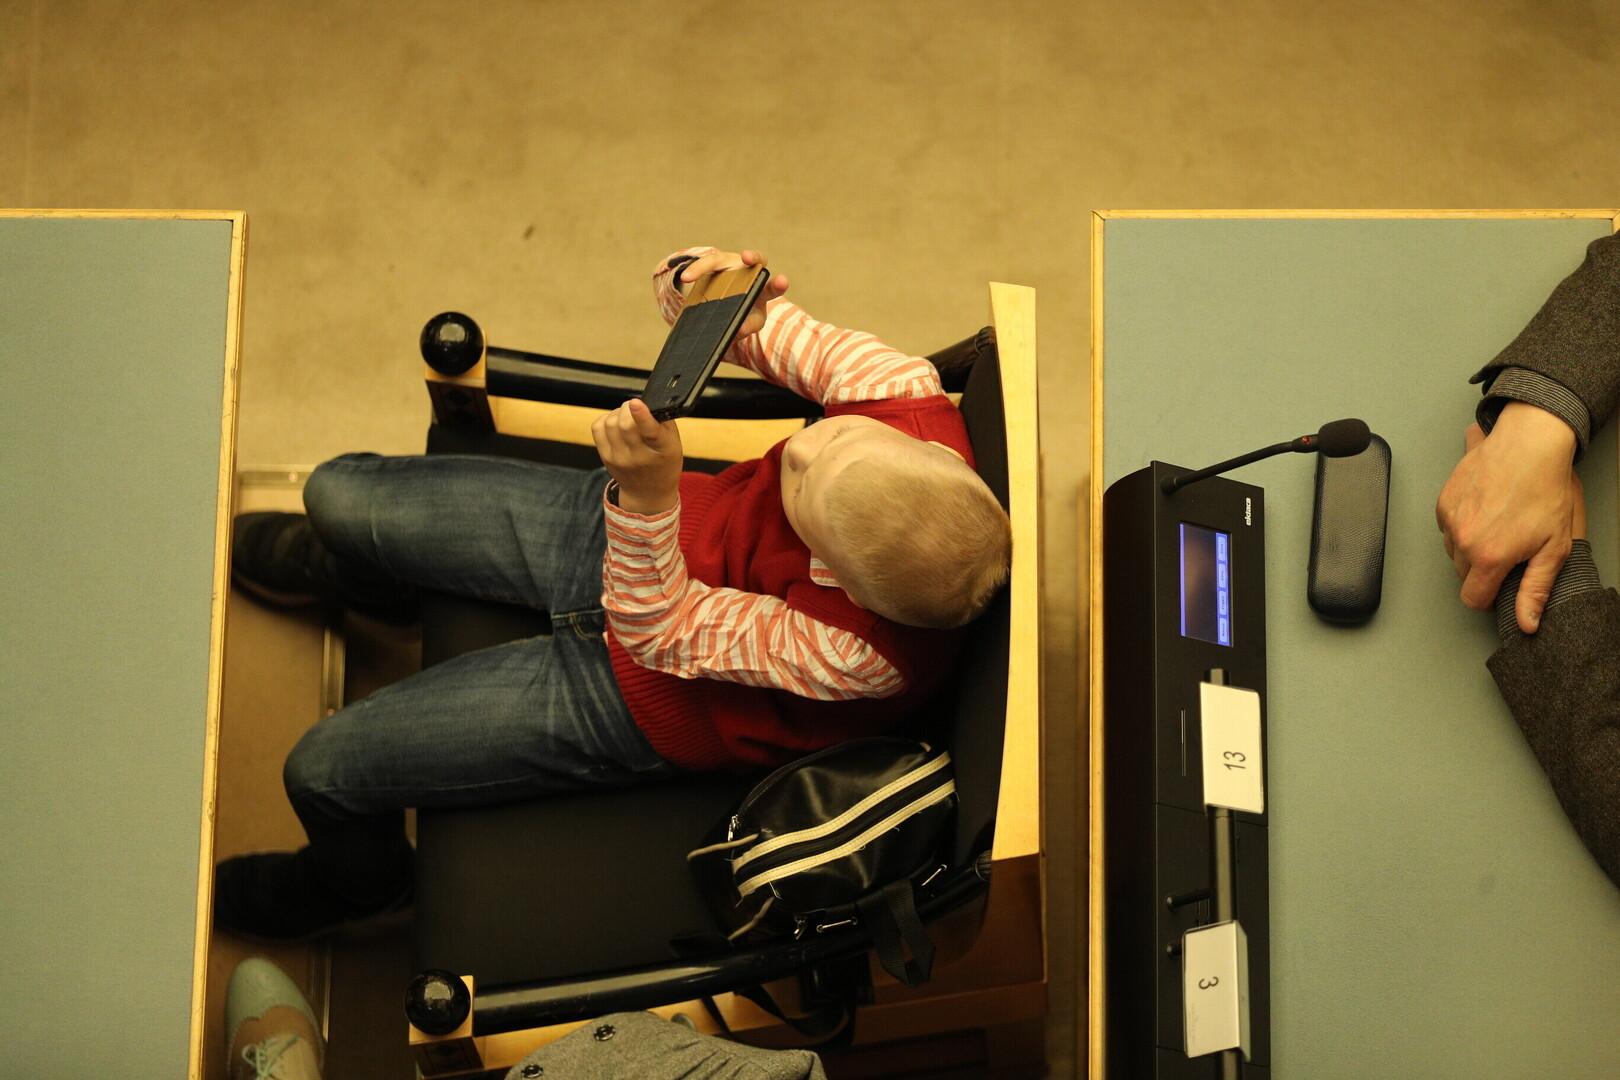 Magusad liigesed ja jasemed Kuidas ravida tosiseid suu valu